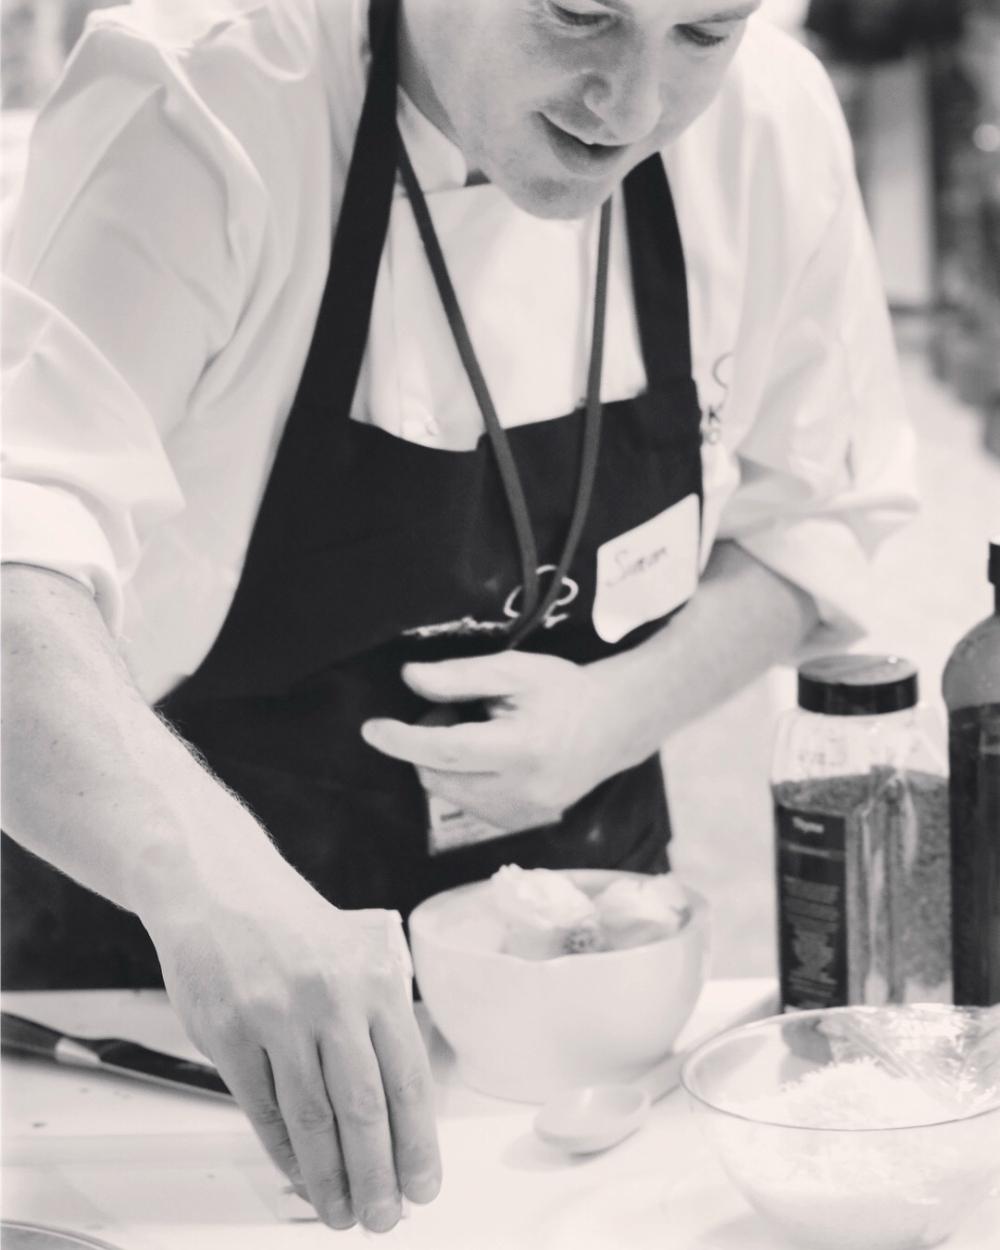 Leeds Cookery School - Cookery Courses Leeds